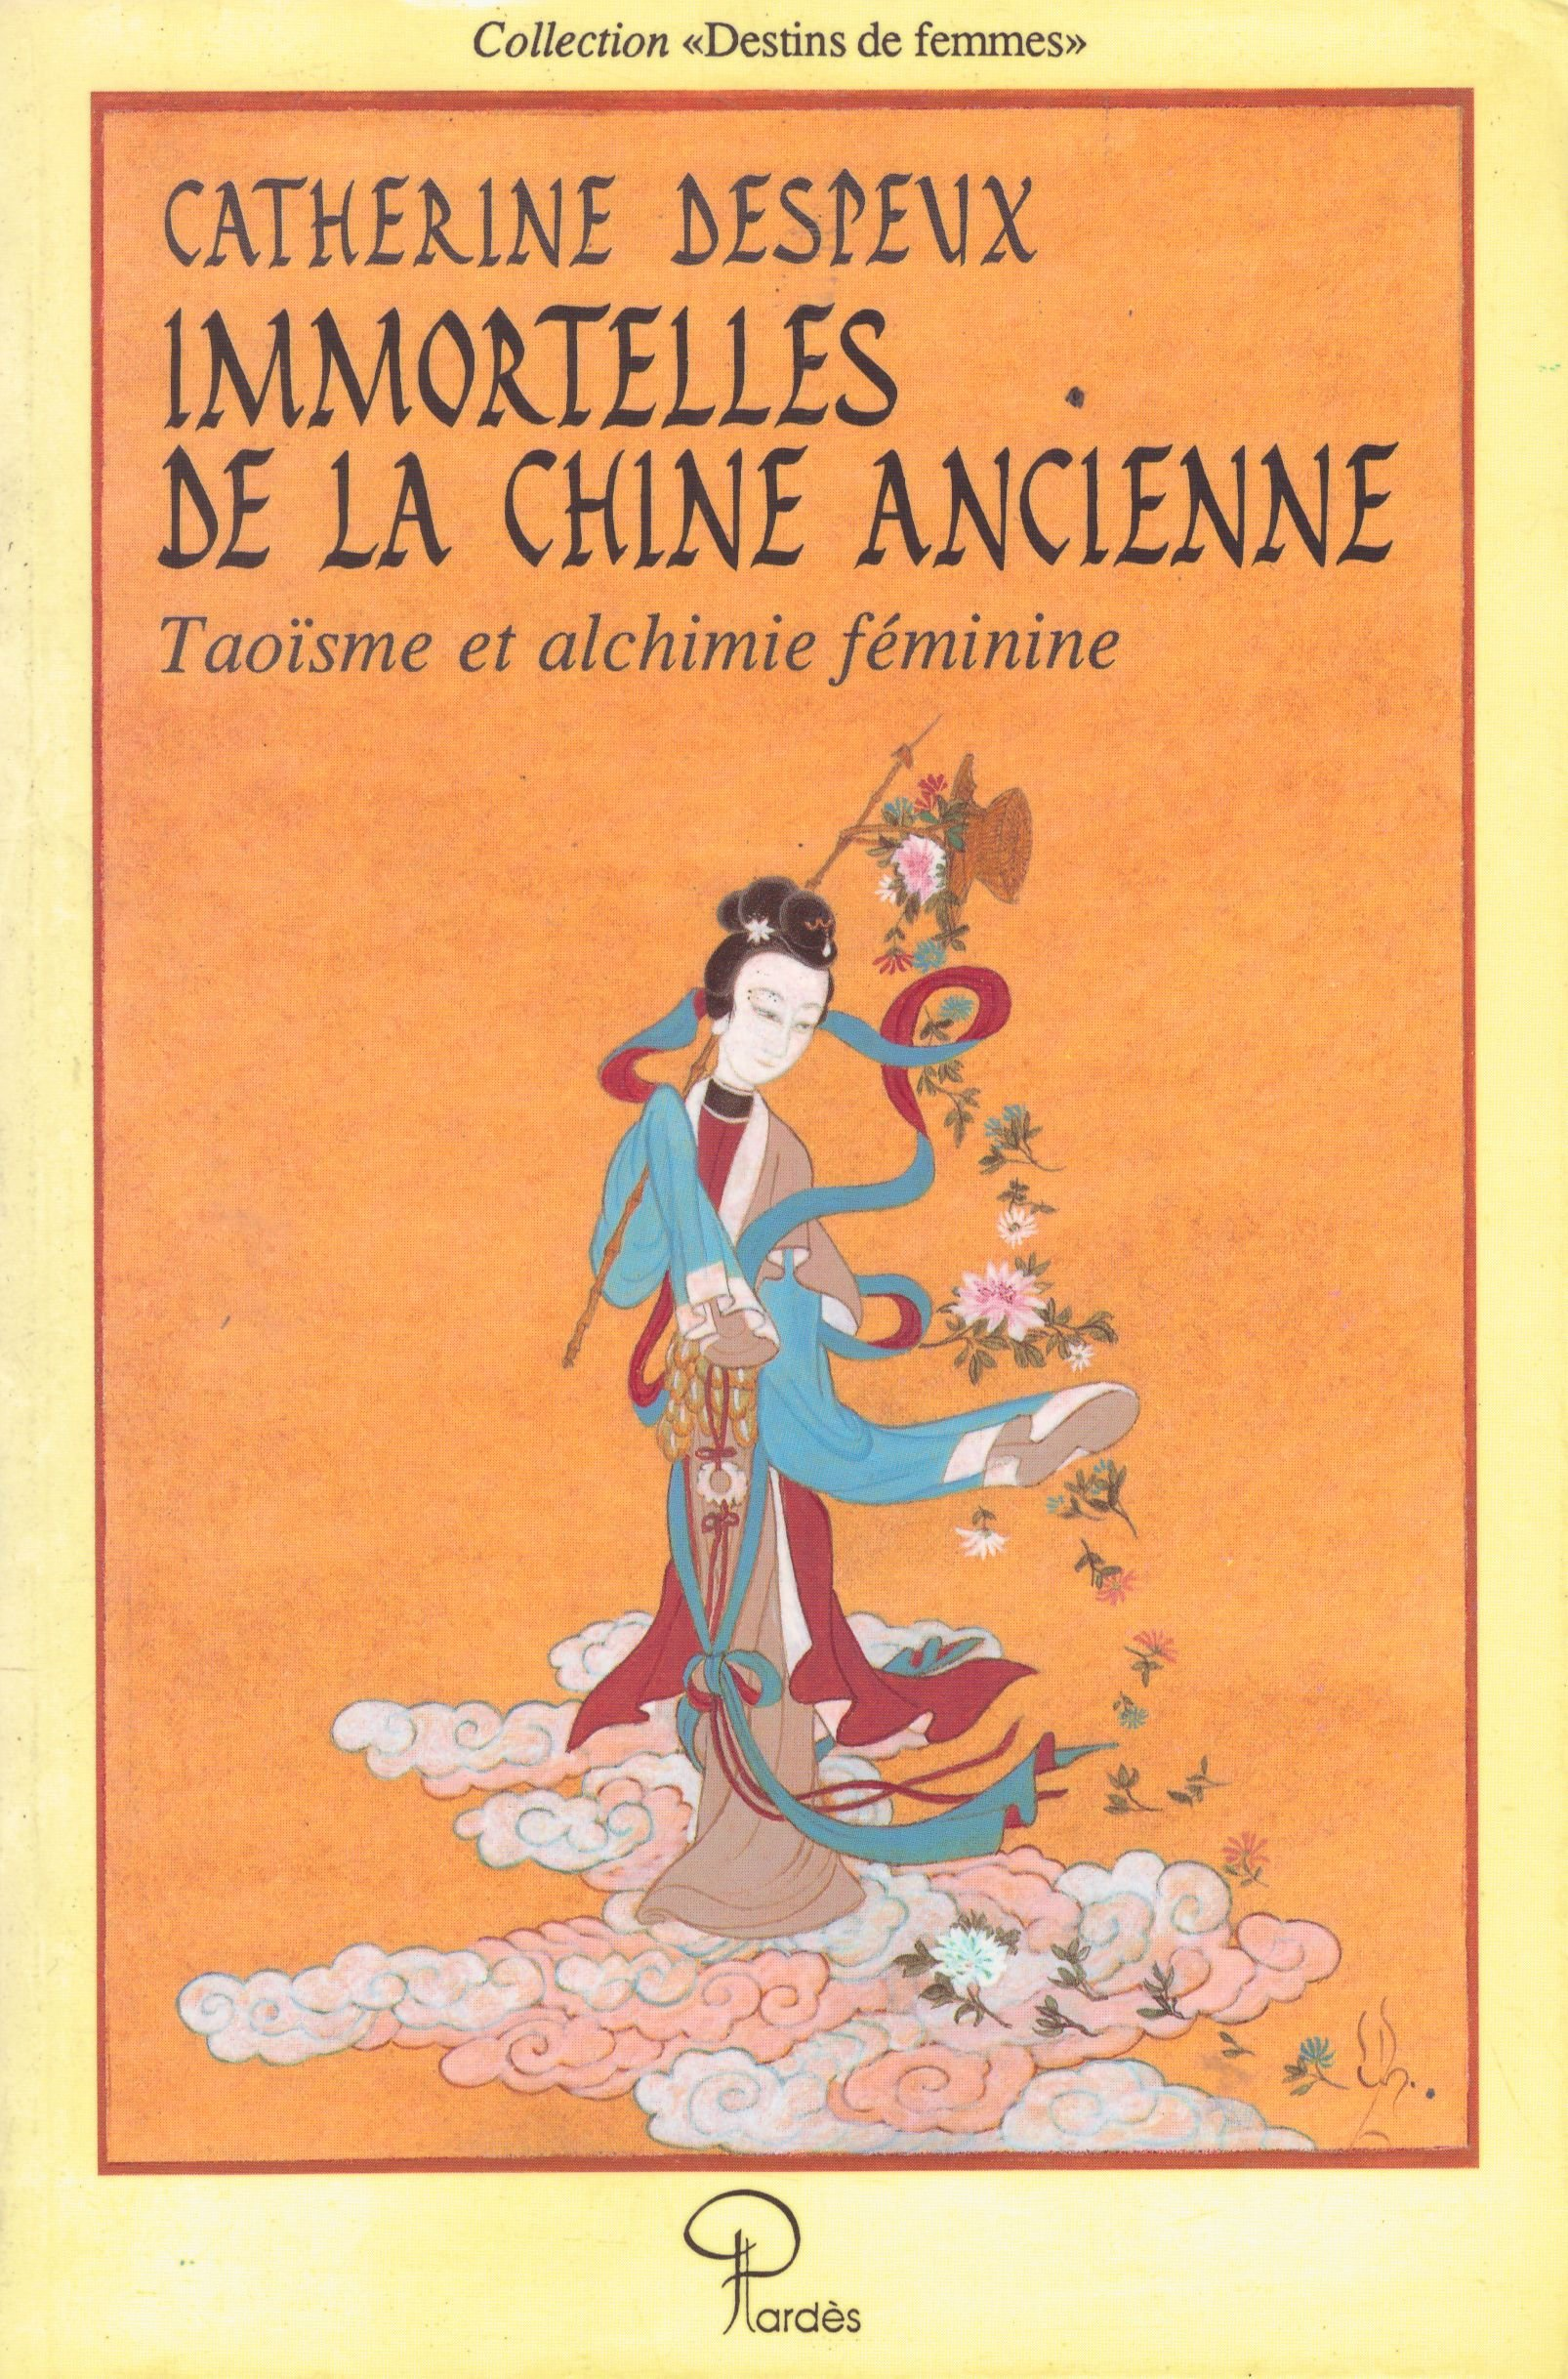 Immortelles de la Chine anncienne: Taoïsme et alchimie féminine